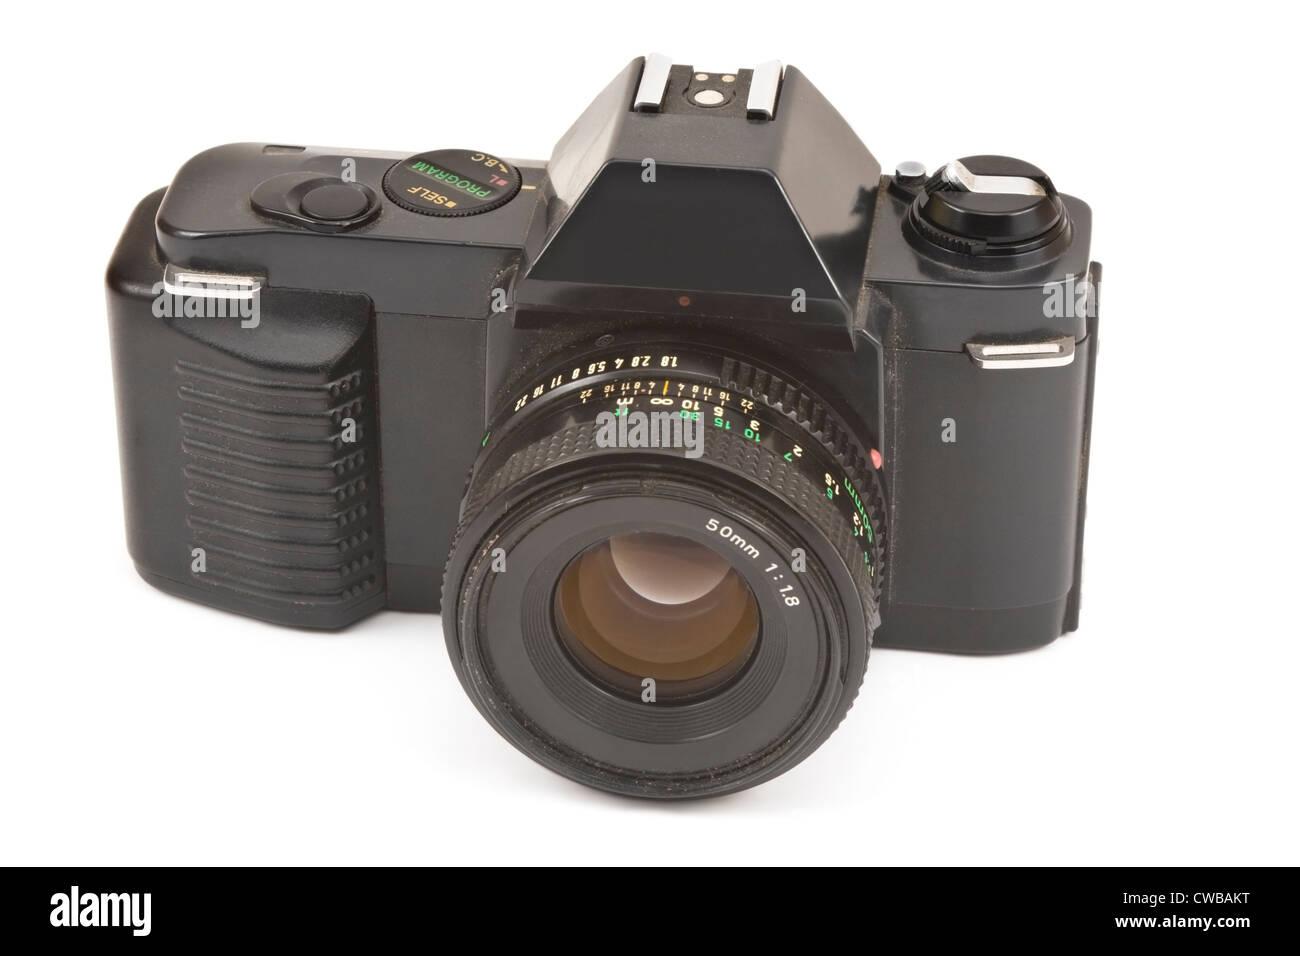 Black 35mm slr film camera on white background